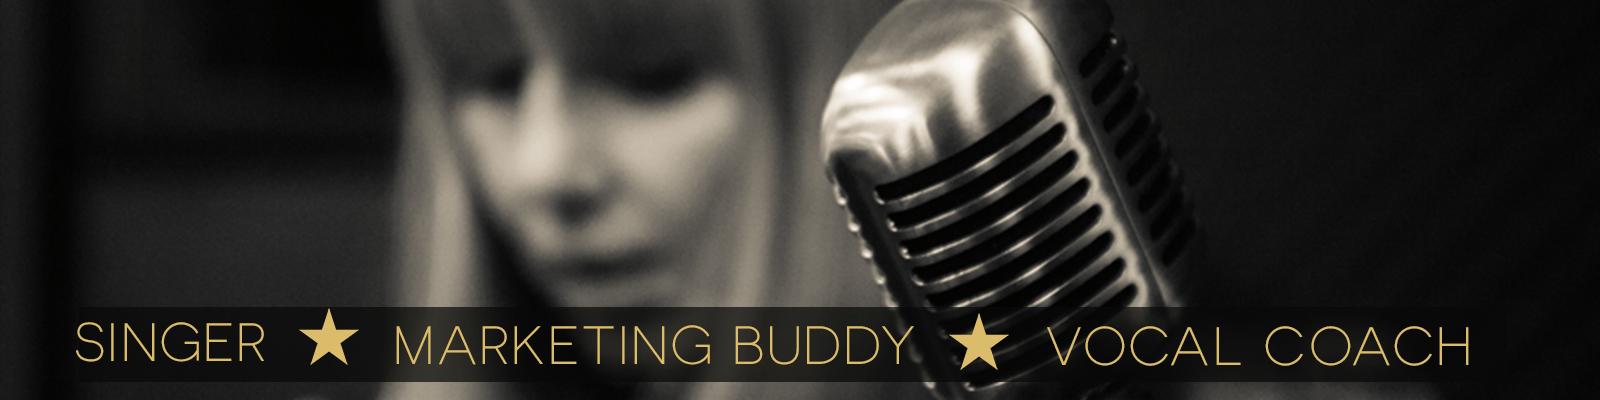 Du siehst Tanja Lipp mit Mikrofon und die Begriffe Singer, Marketing Buddy und Vocal Coach